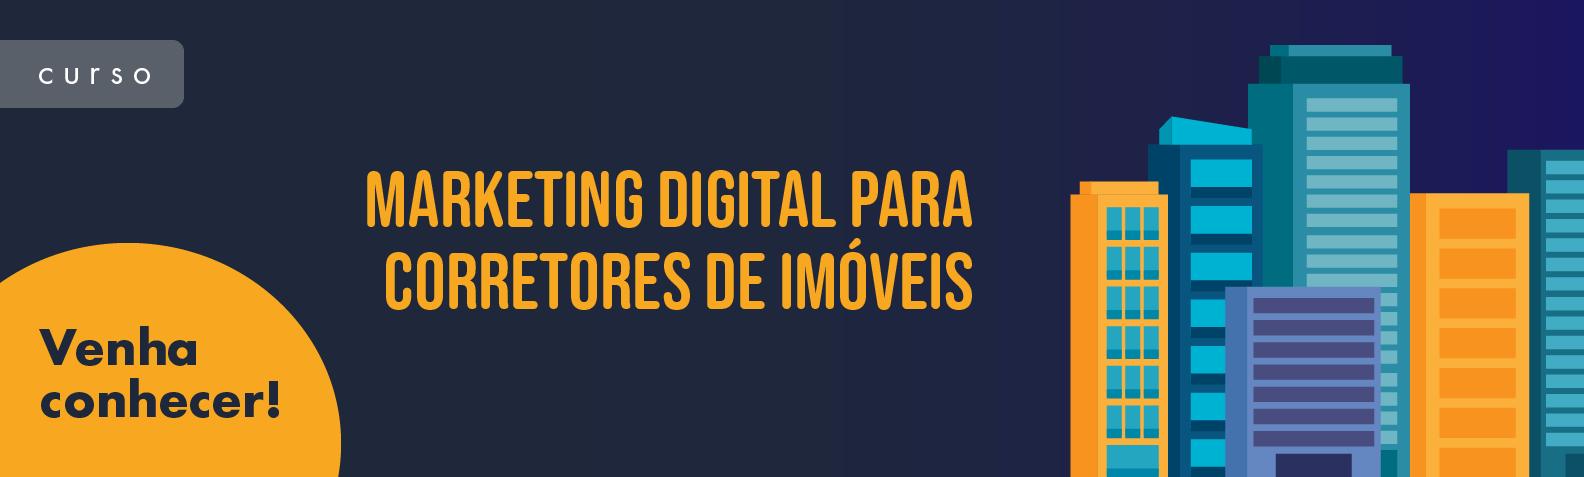 Vantagens do Marketing Digital para Corretores de Imóveis